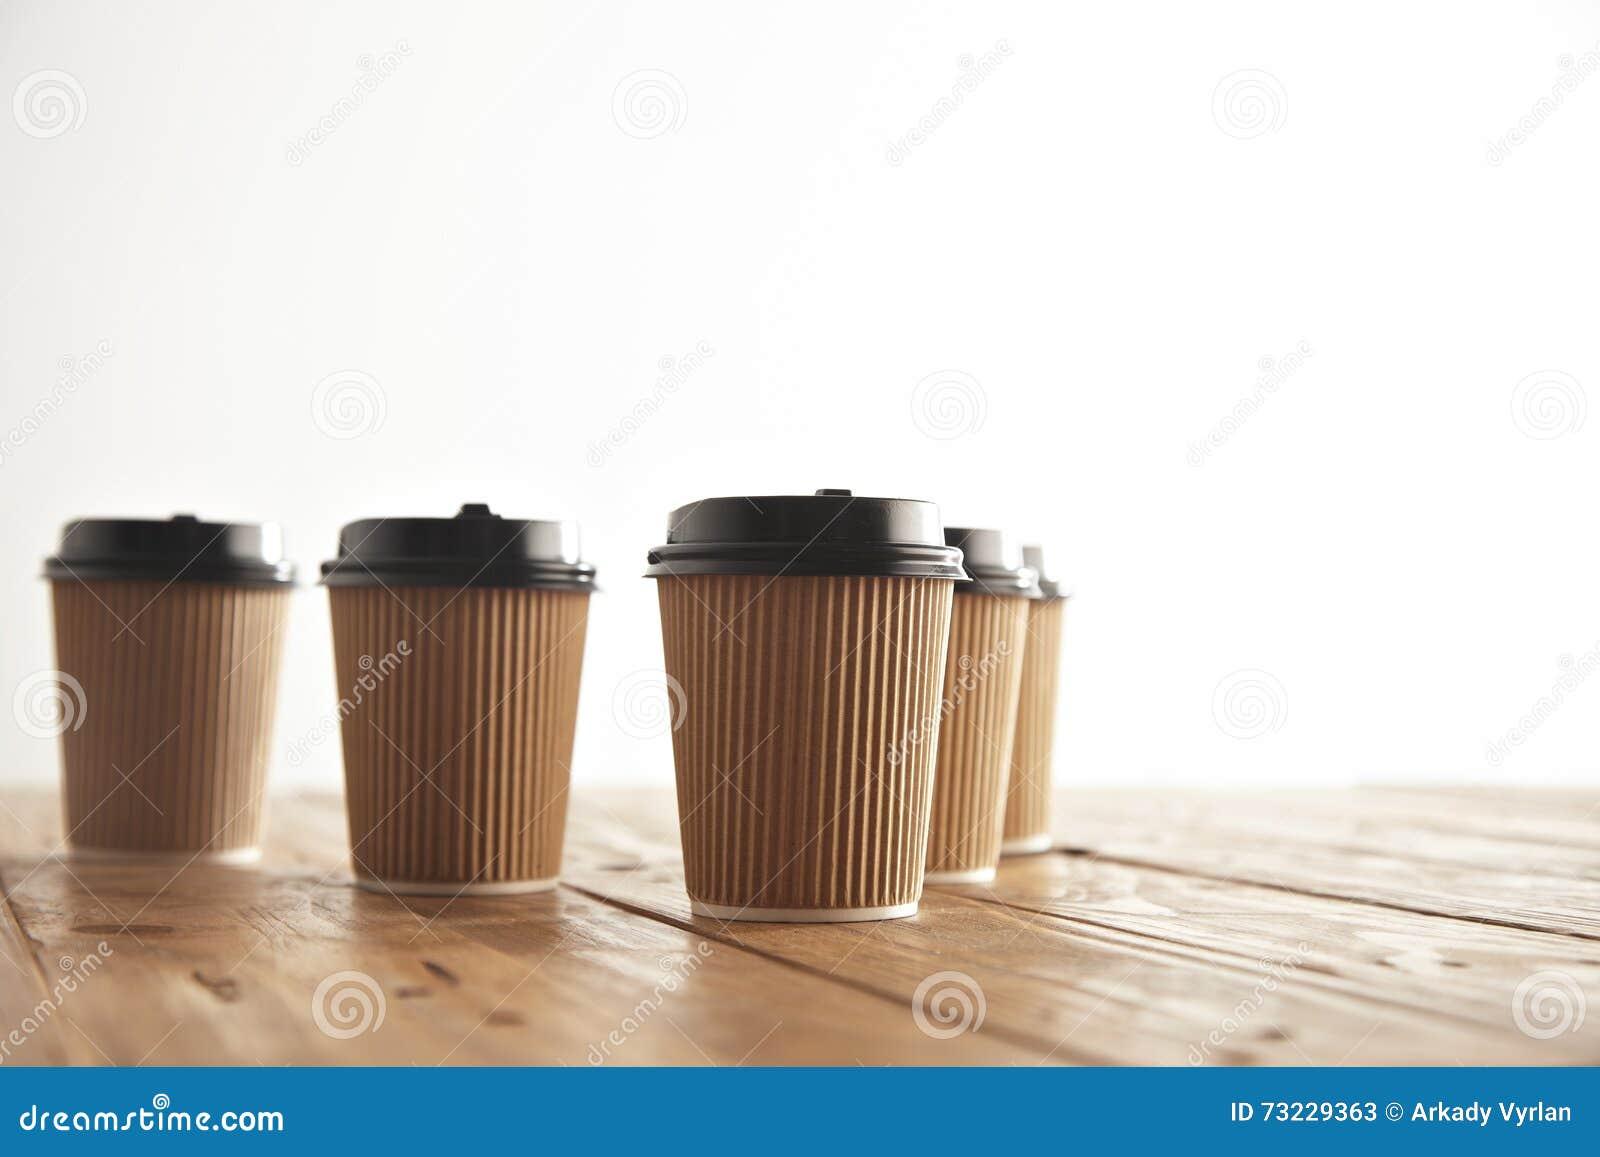 La cartulina de Brown se lleva las tazas de papel con los casquillos negros fijados